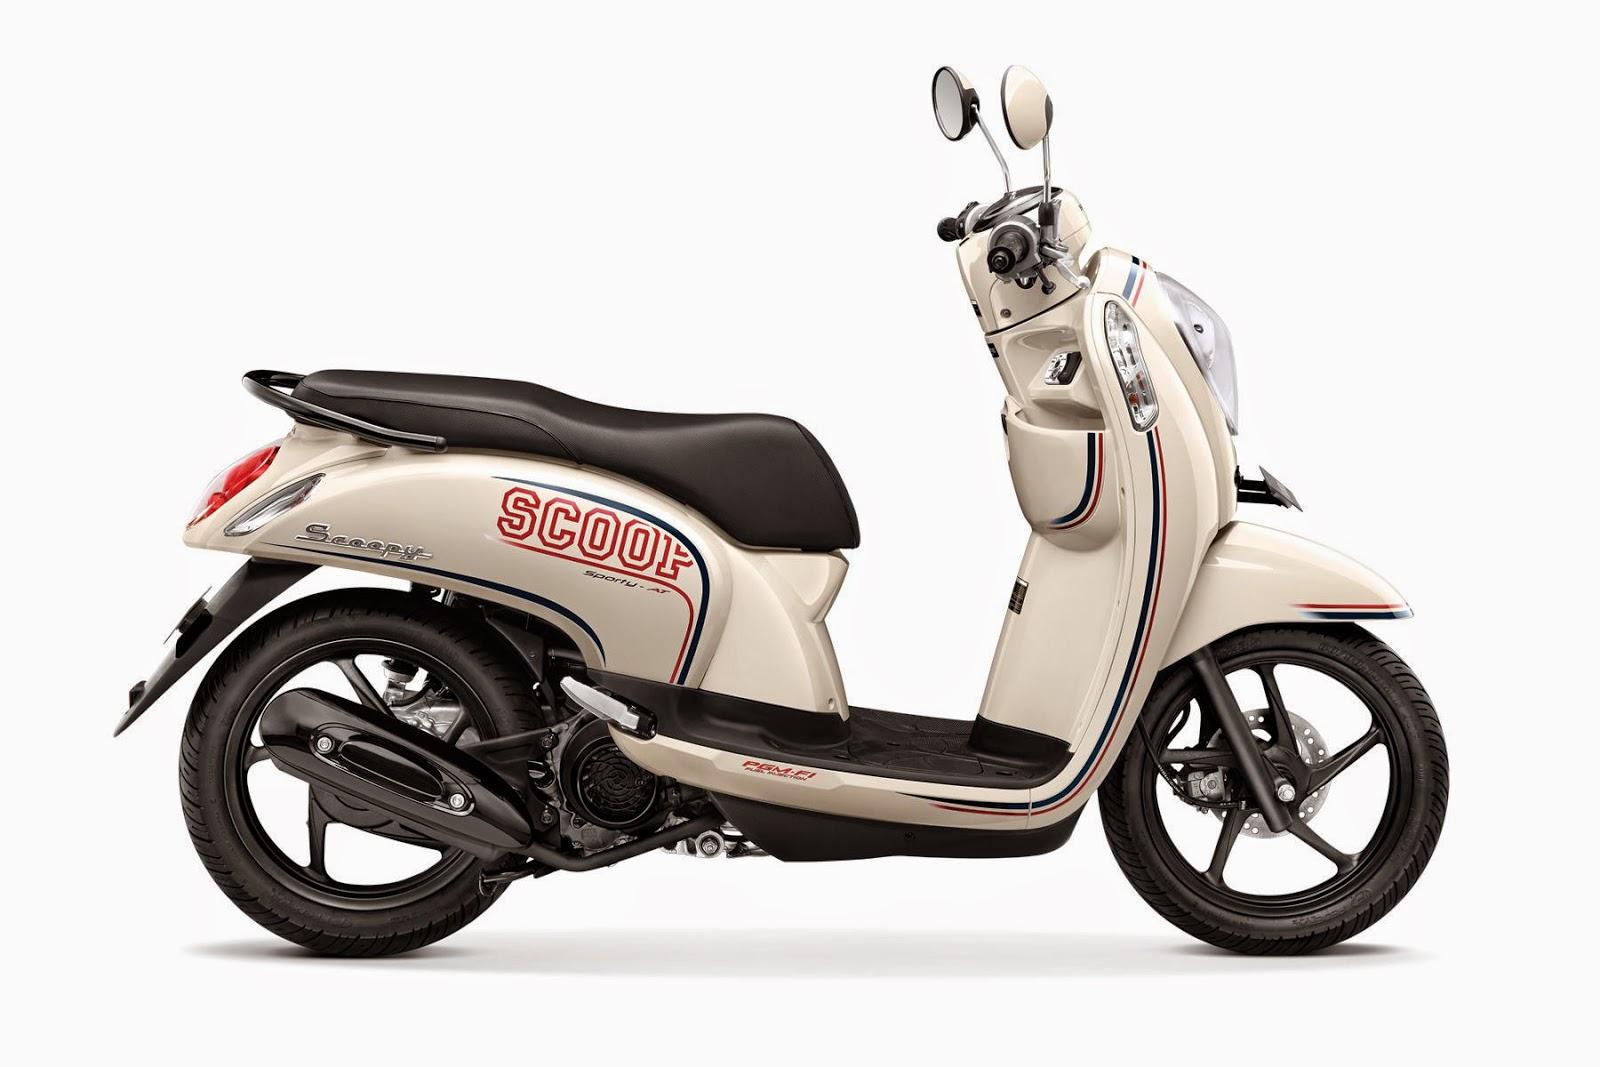 Harga Foto dan Spesifikasi New Honda Scoopy 2014